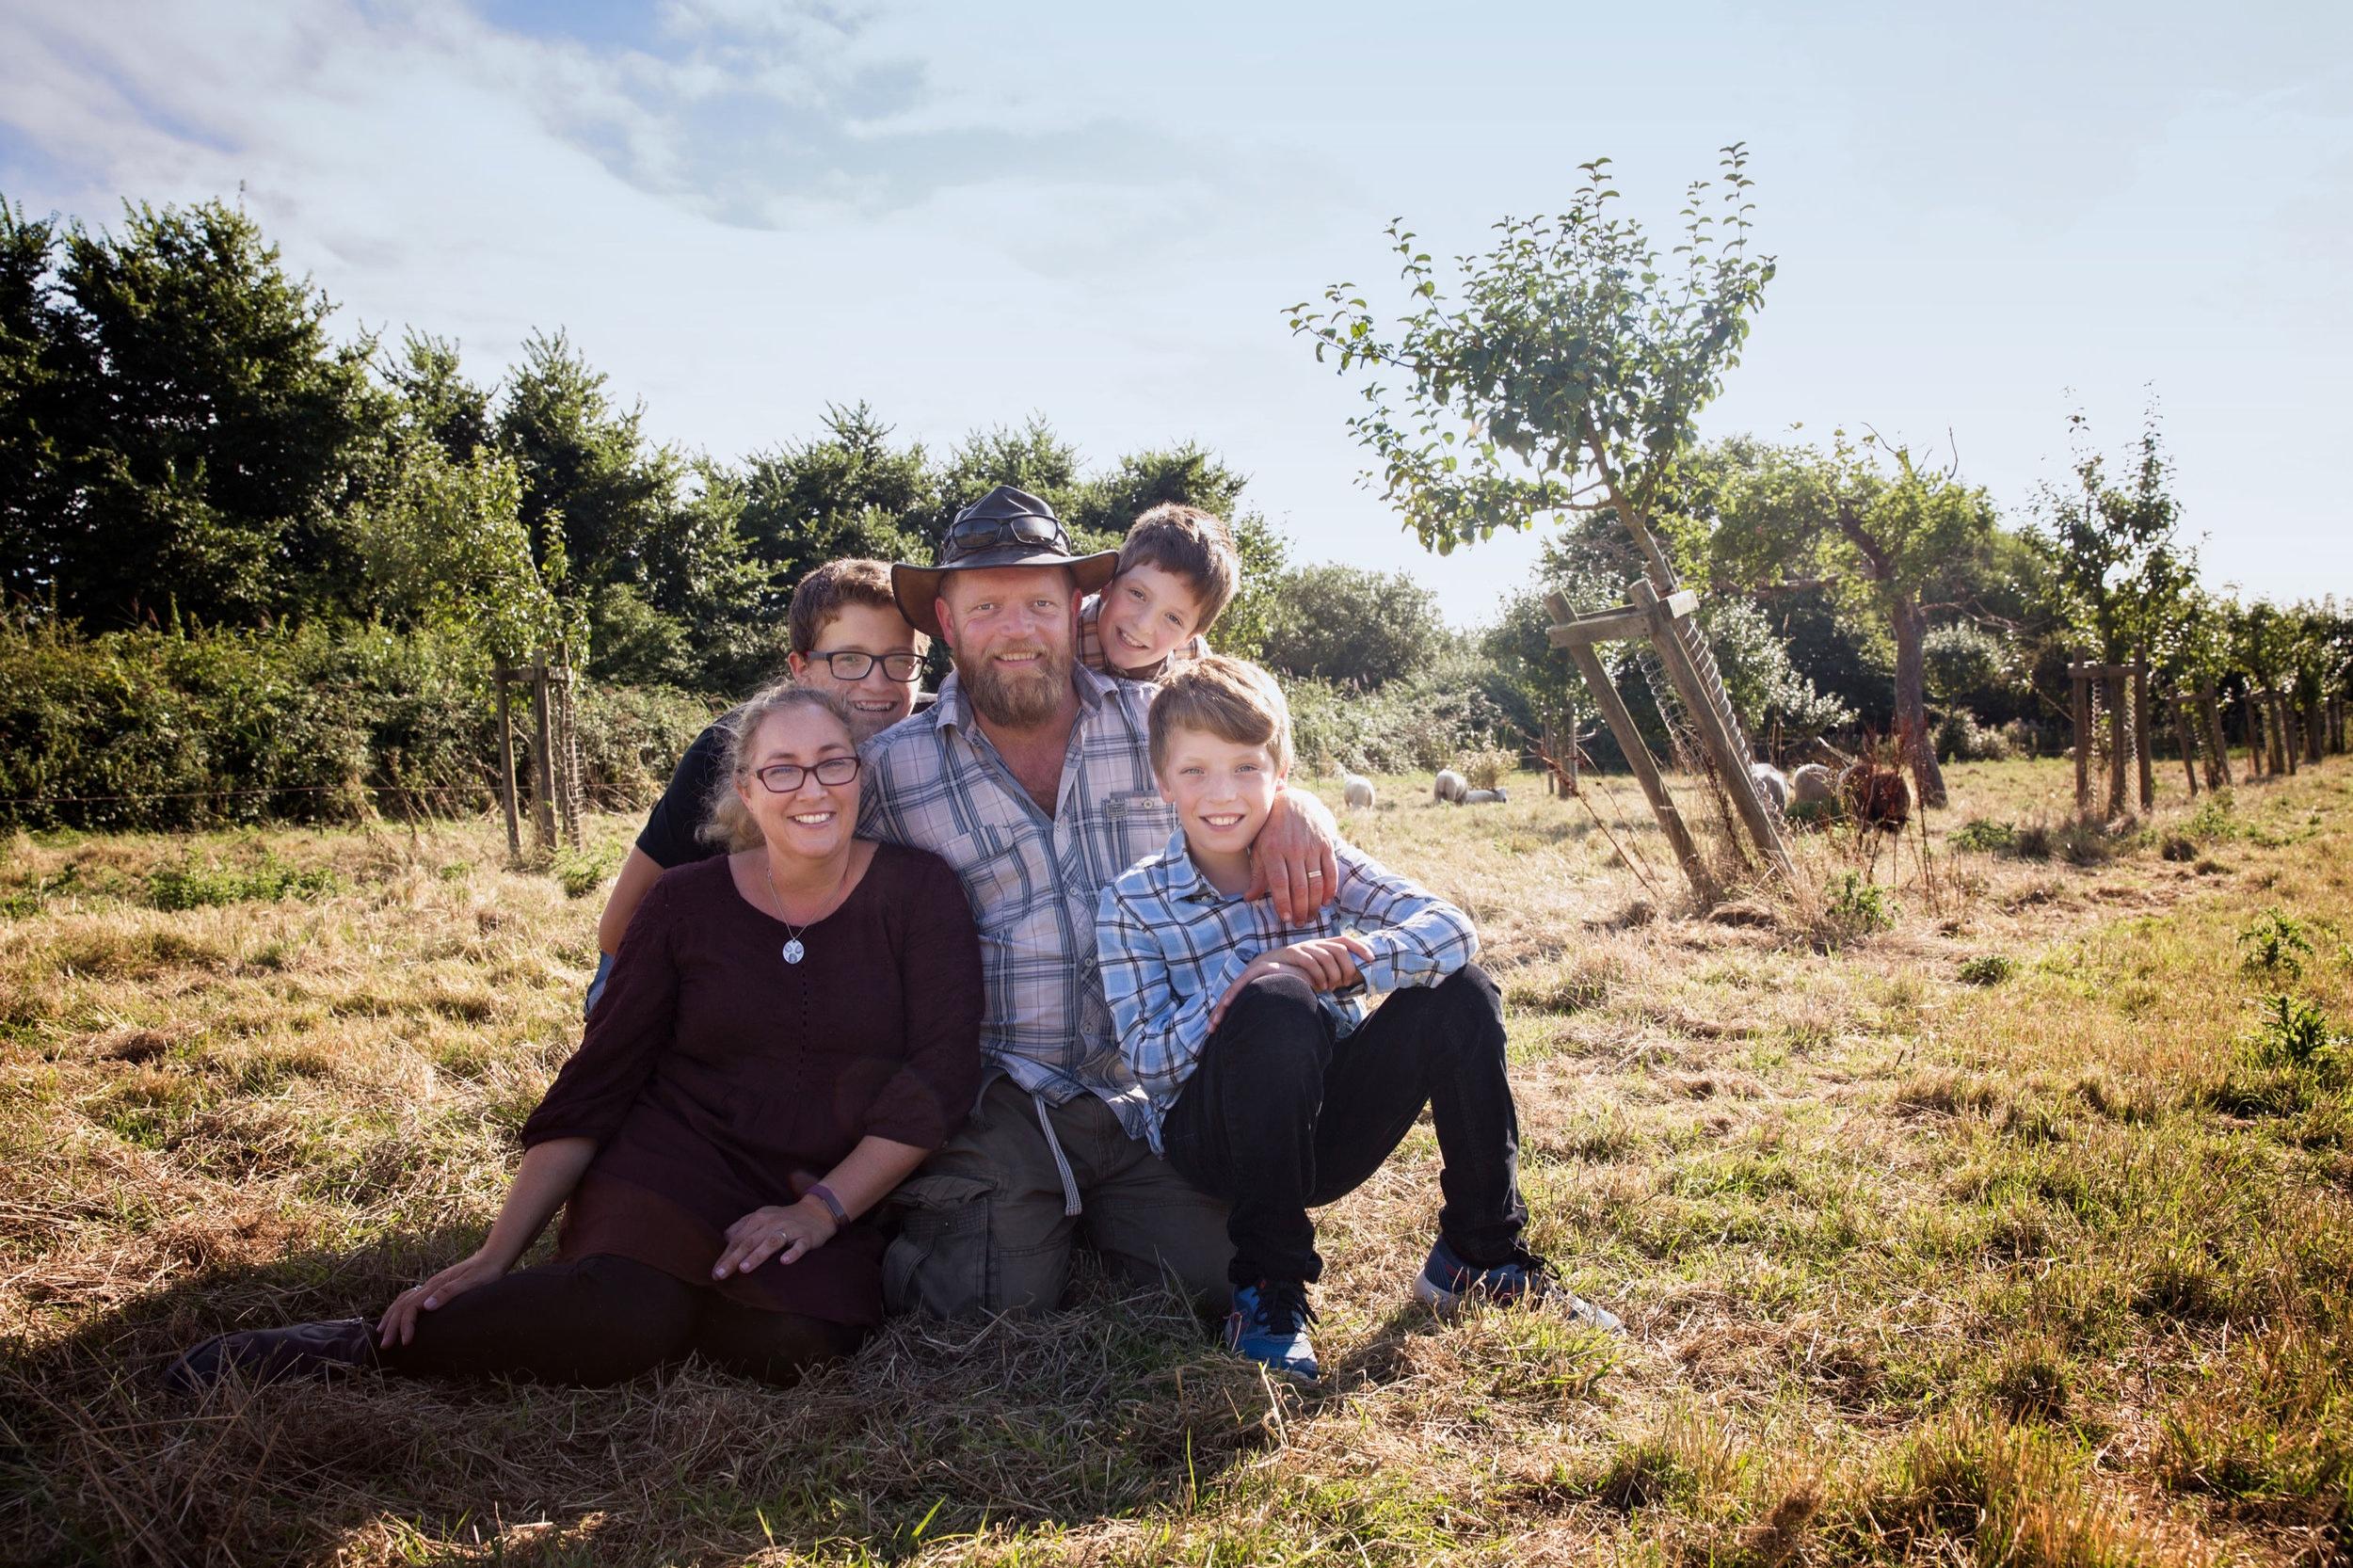 Newborn%2C-Baby%2C-Child-and-Family-Photographer-Bristol01.jpg